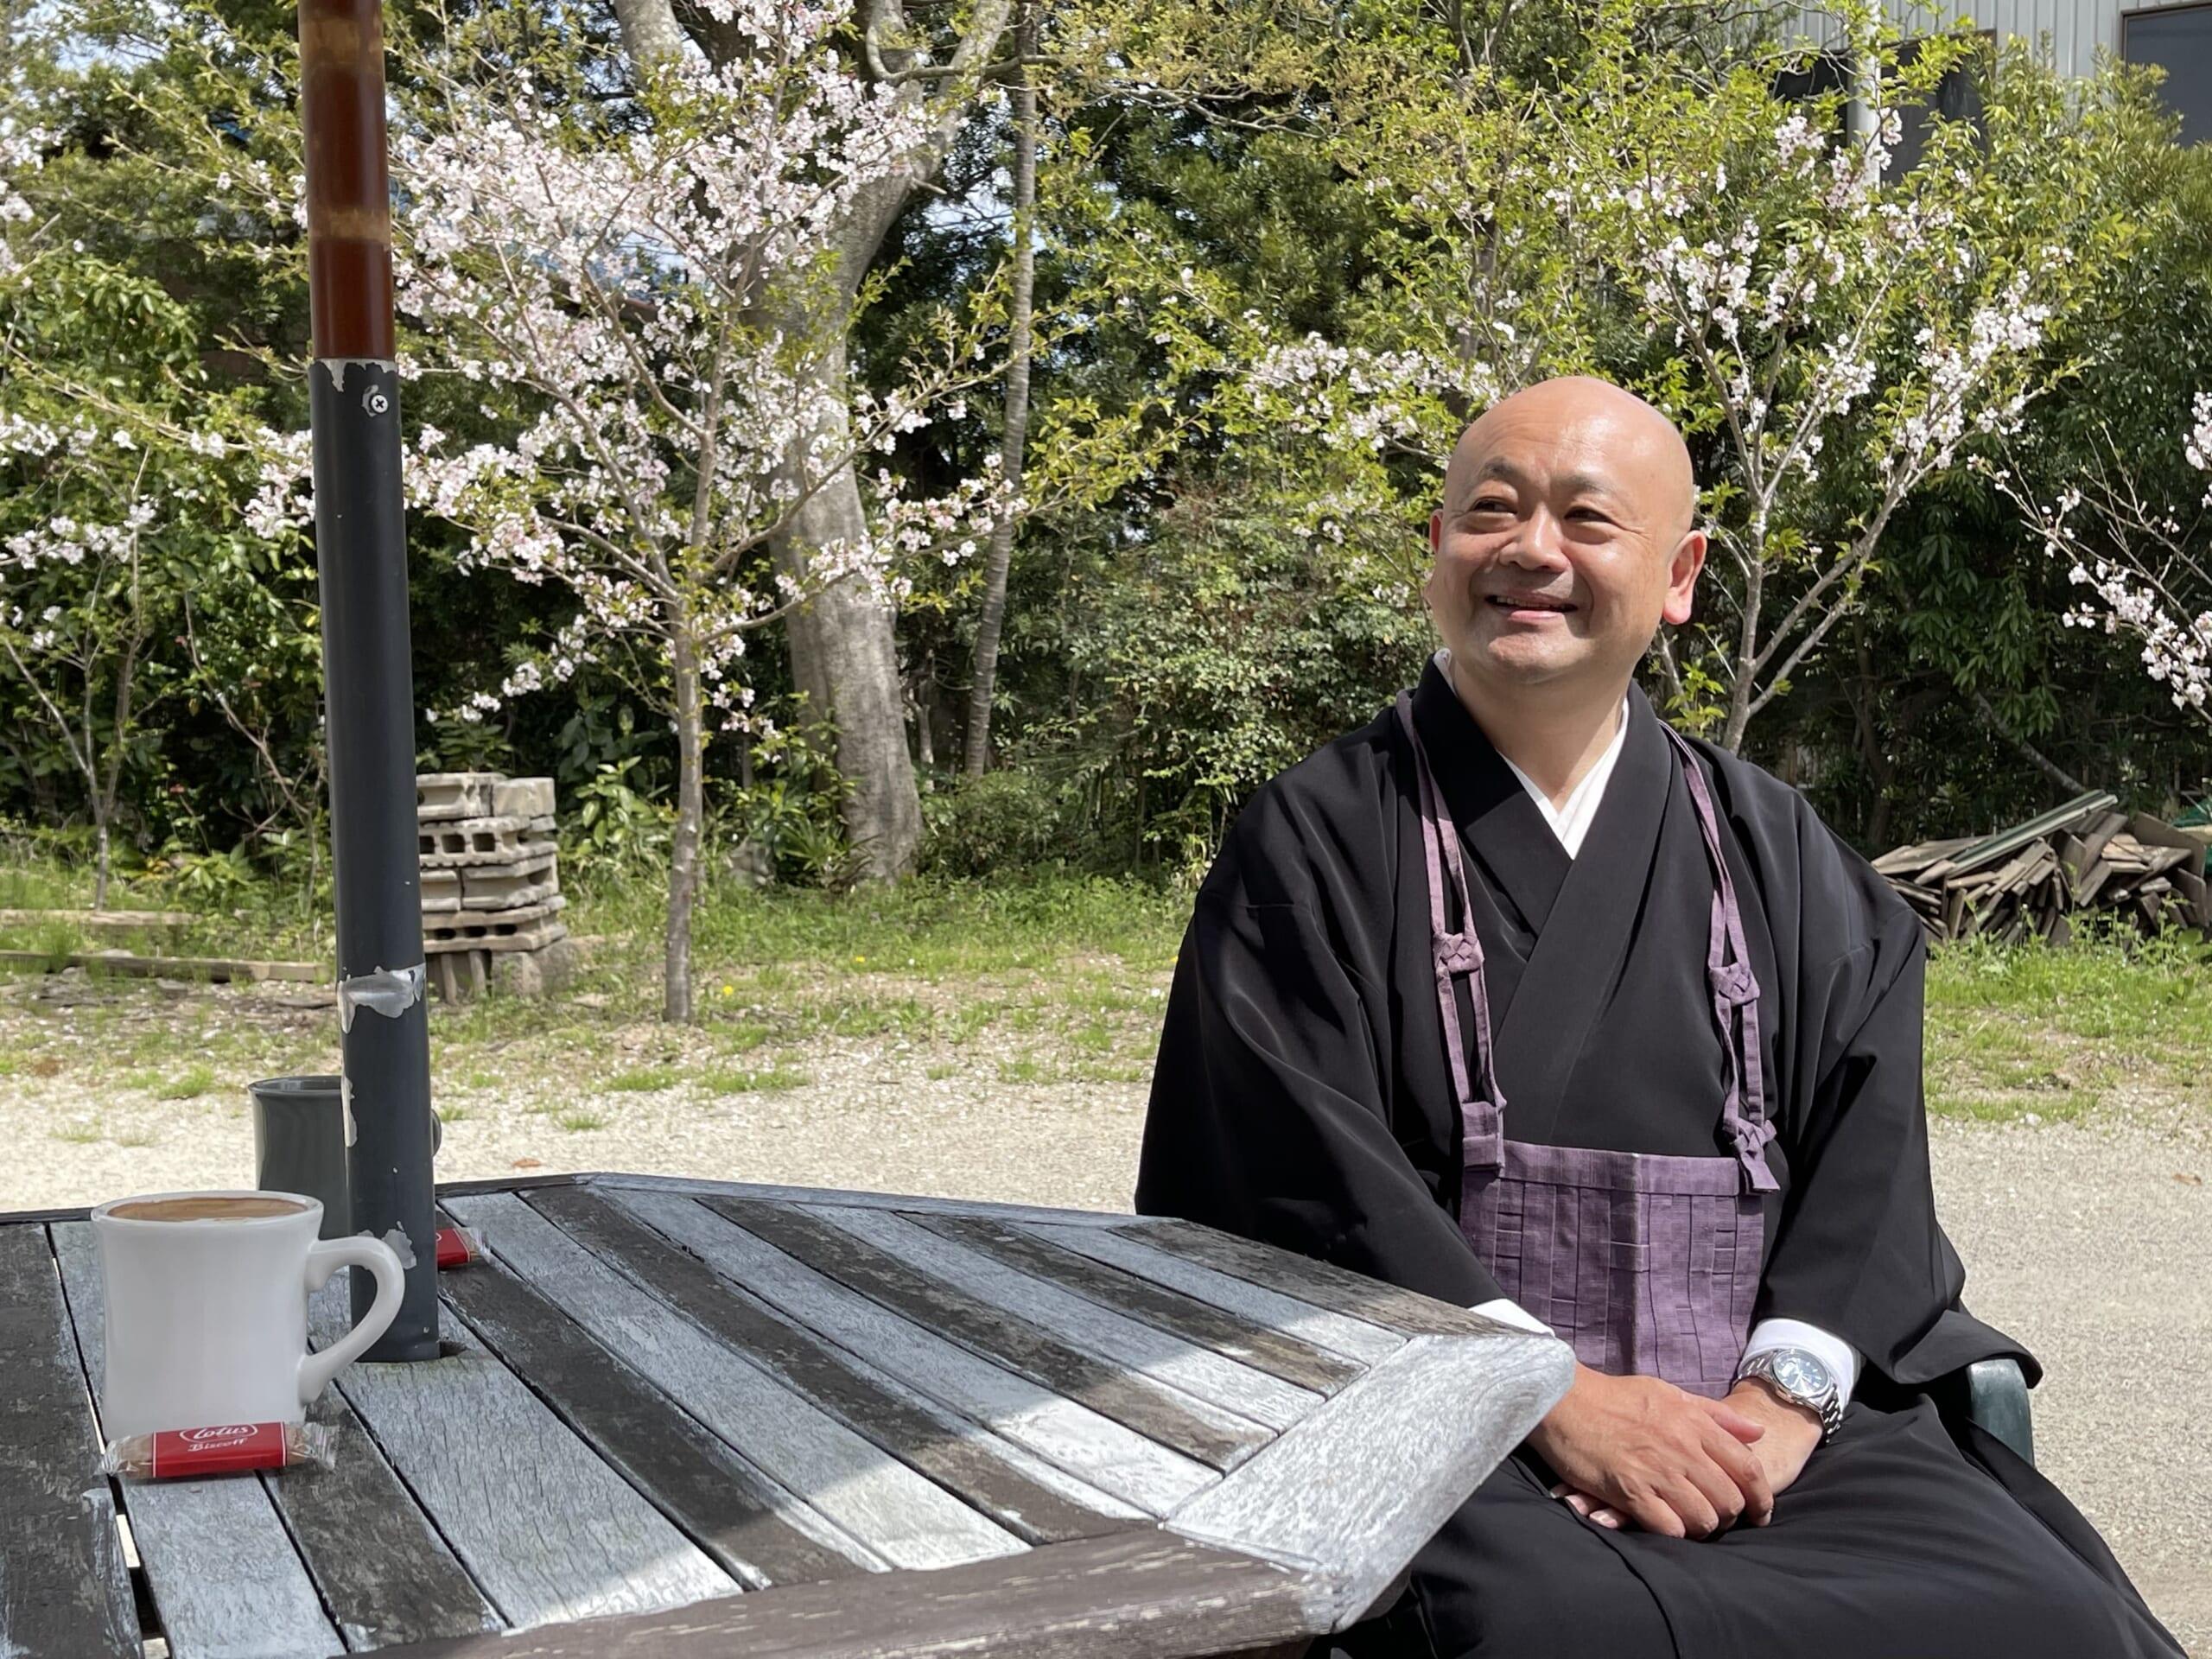 僧侶が開講した「観自在」を教えるカルチャースクールとは